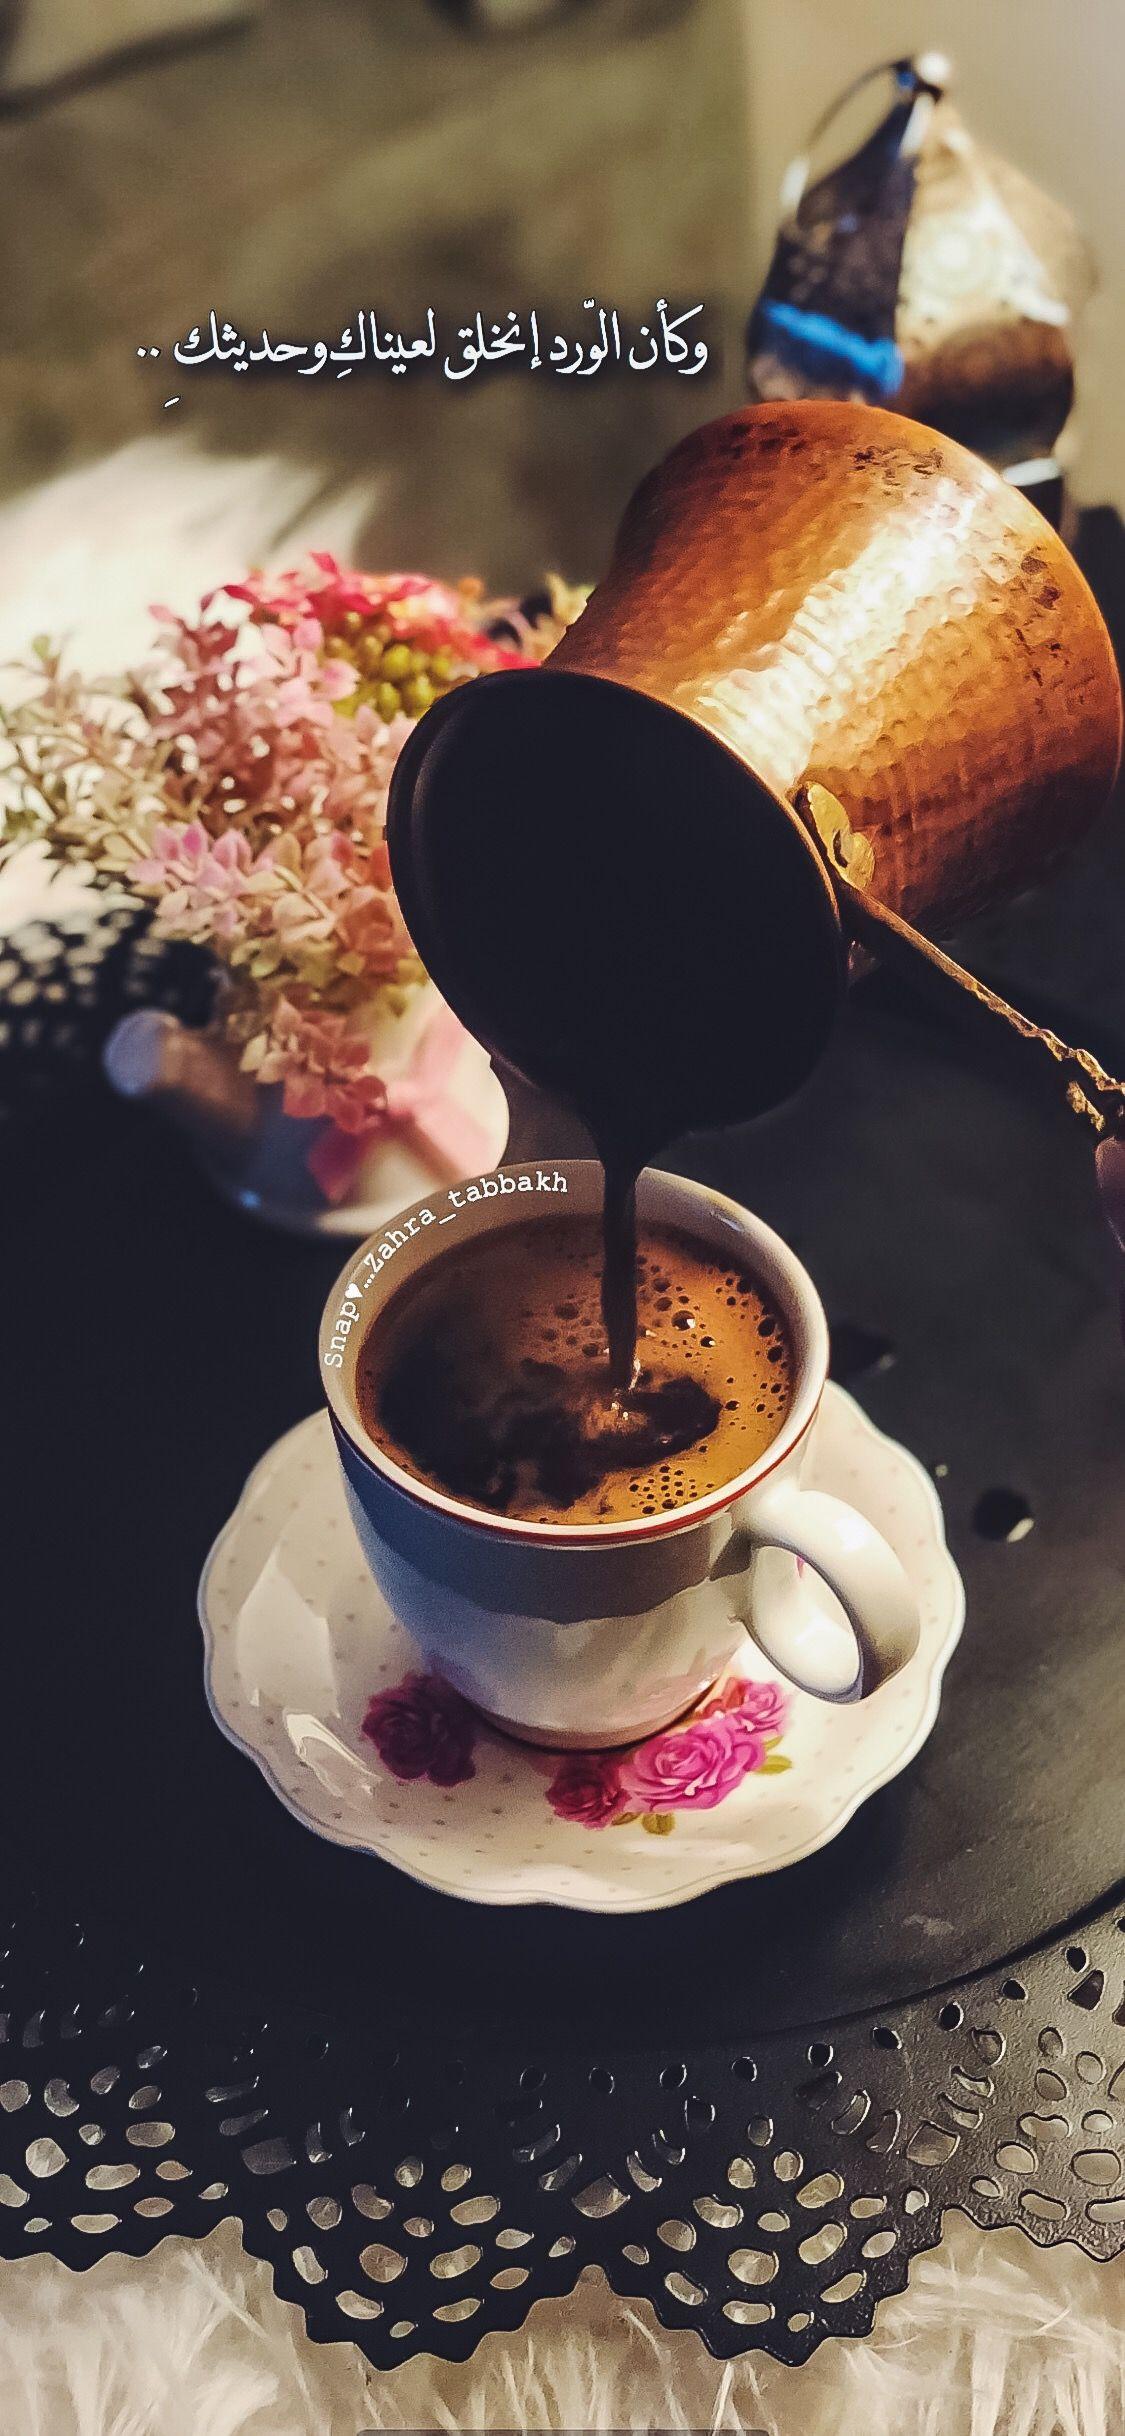 صورة اشرب اجمل قهوه في اصباح, حلى قهوه سريع 5268 2